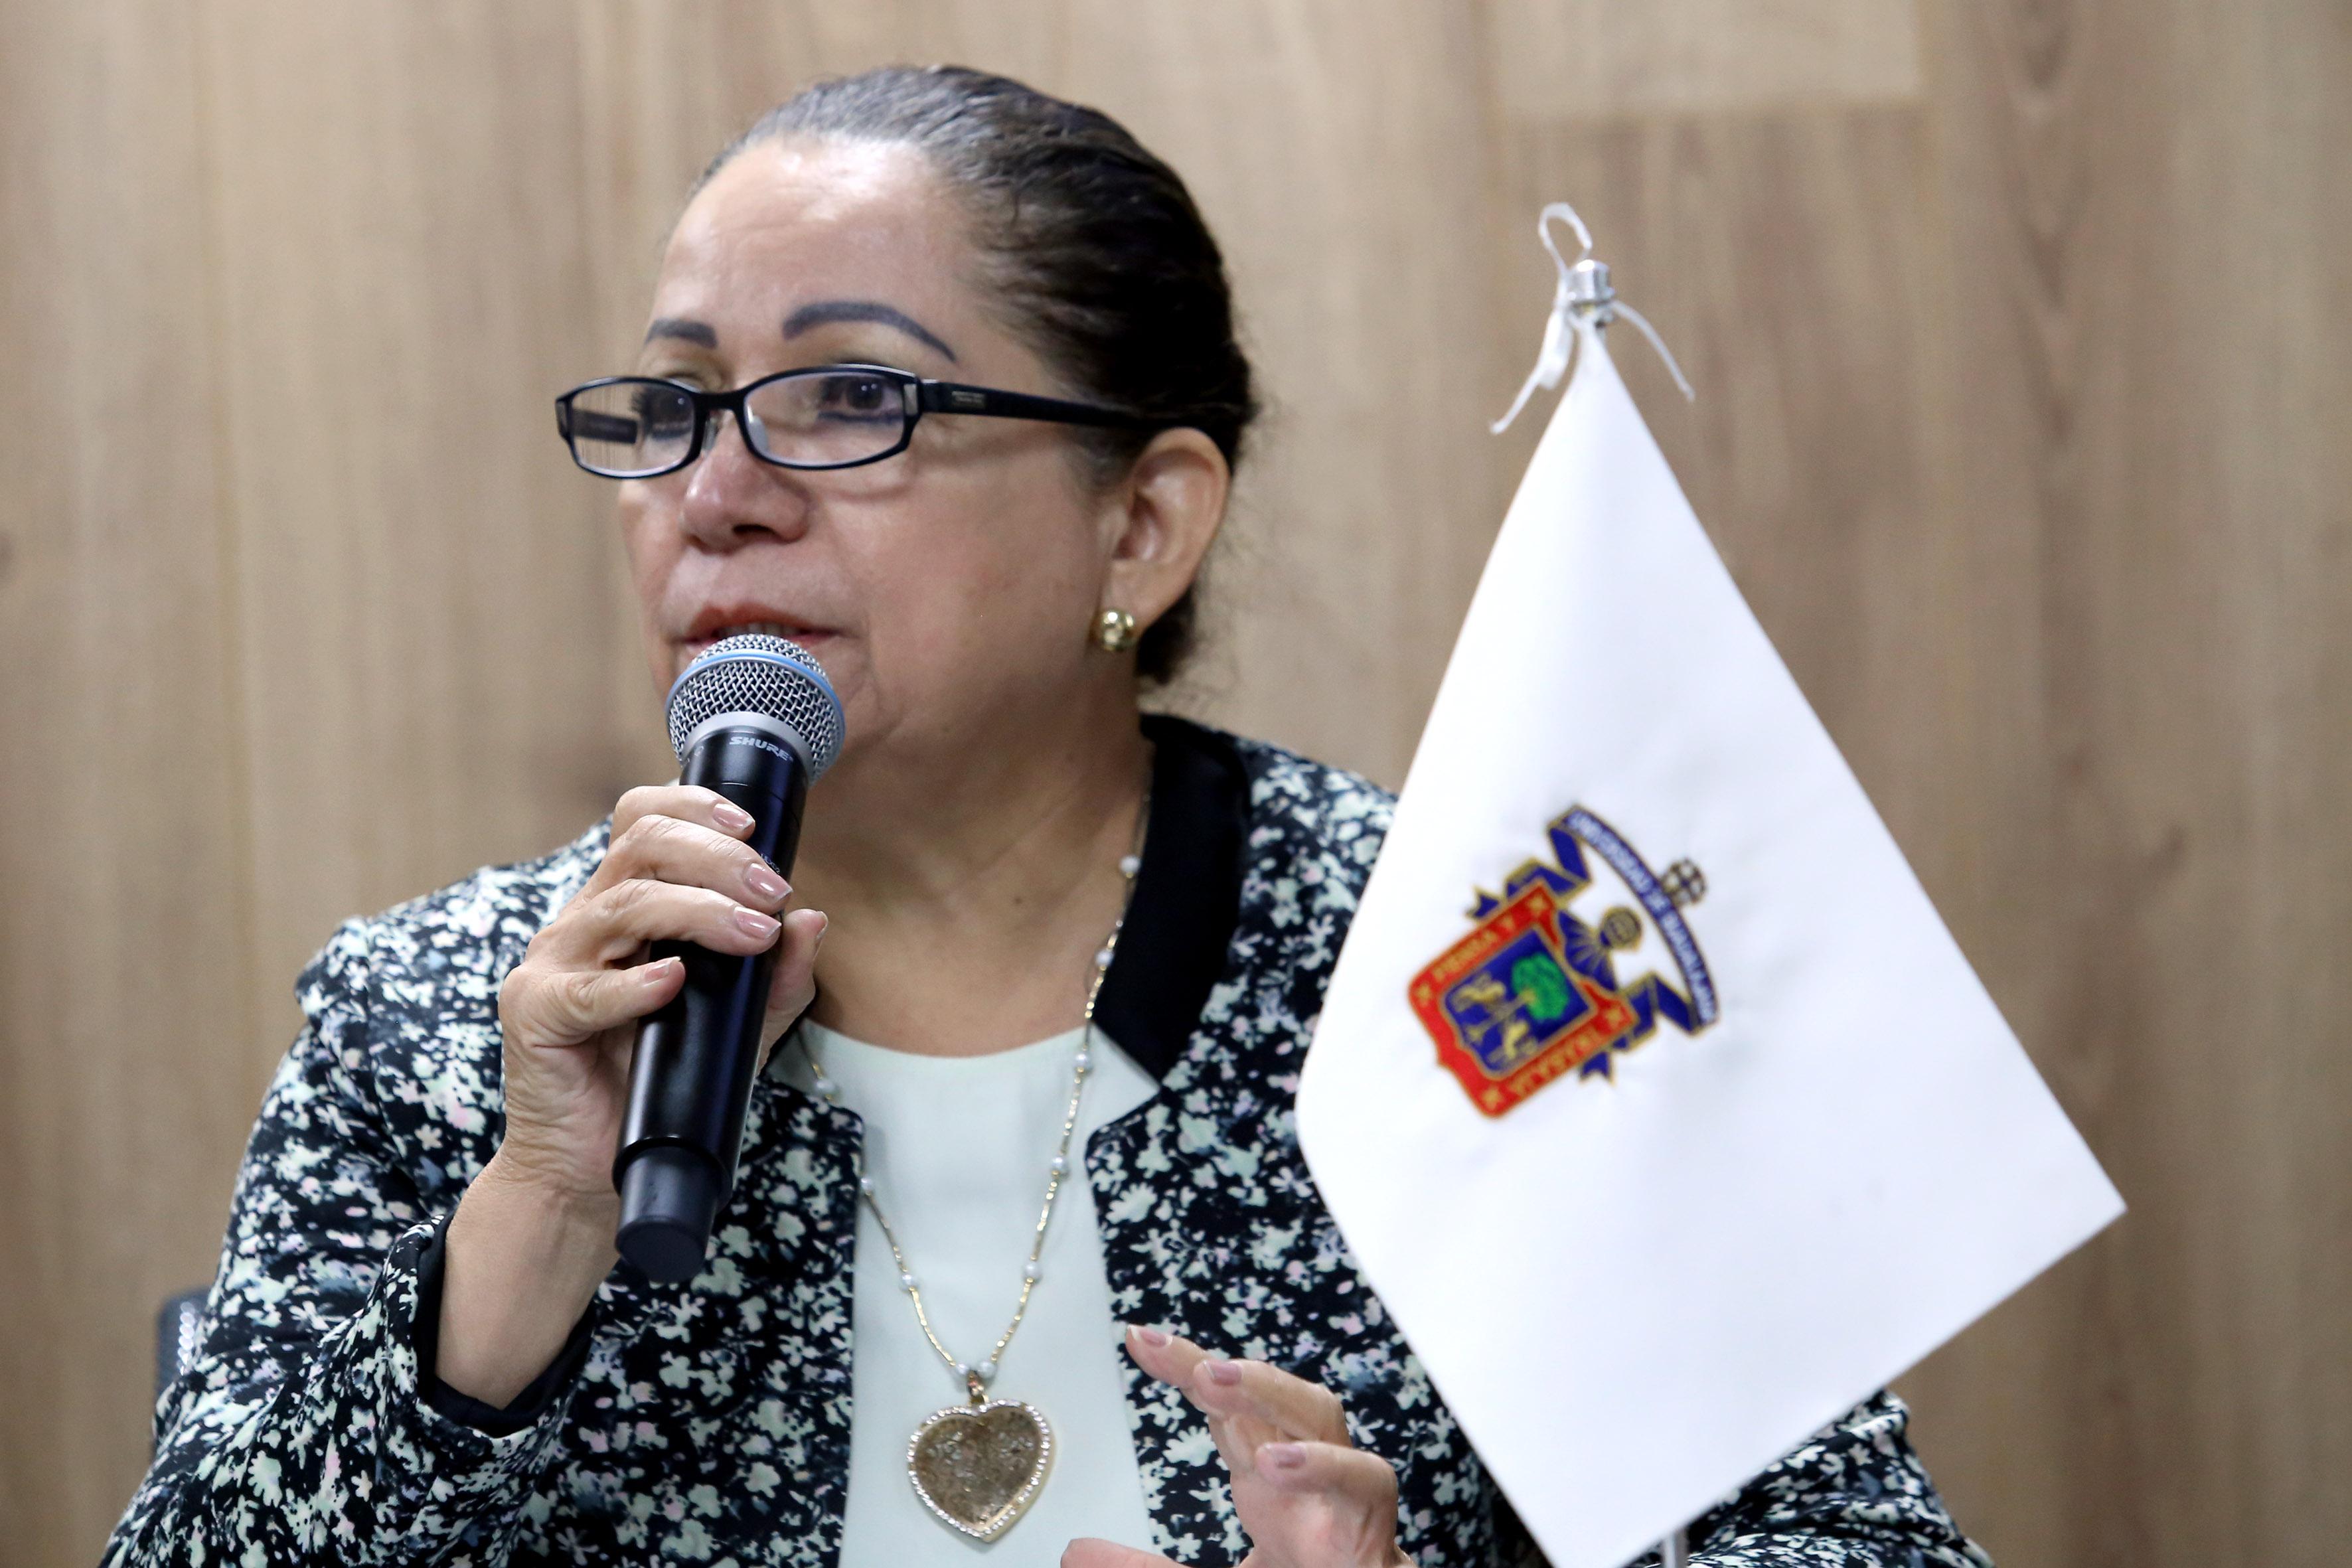 Doctora Yolanda Magaña López, miembro del comité organizador del seminario sobre desapariciones forzadas, con micrófono en mano, haciendo uso de la palabra, durante rueda de prensa.